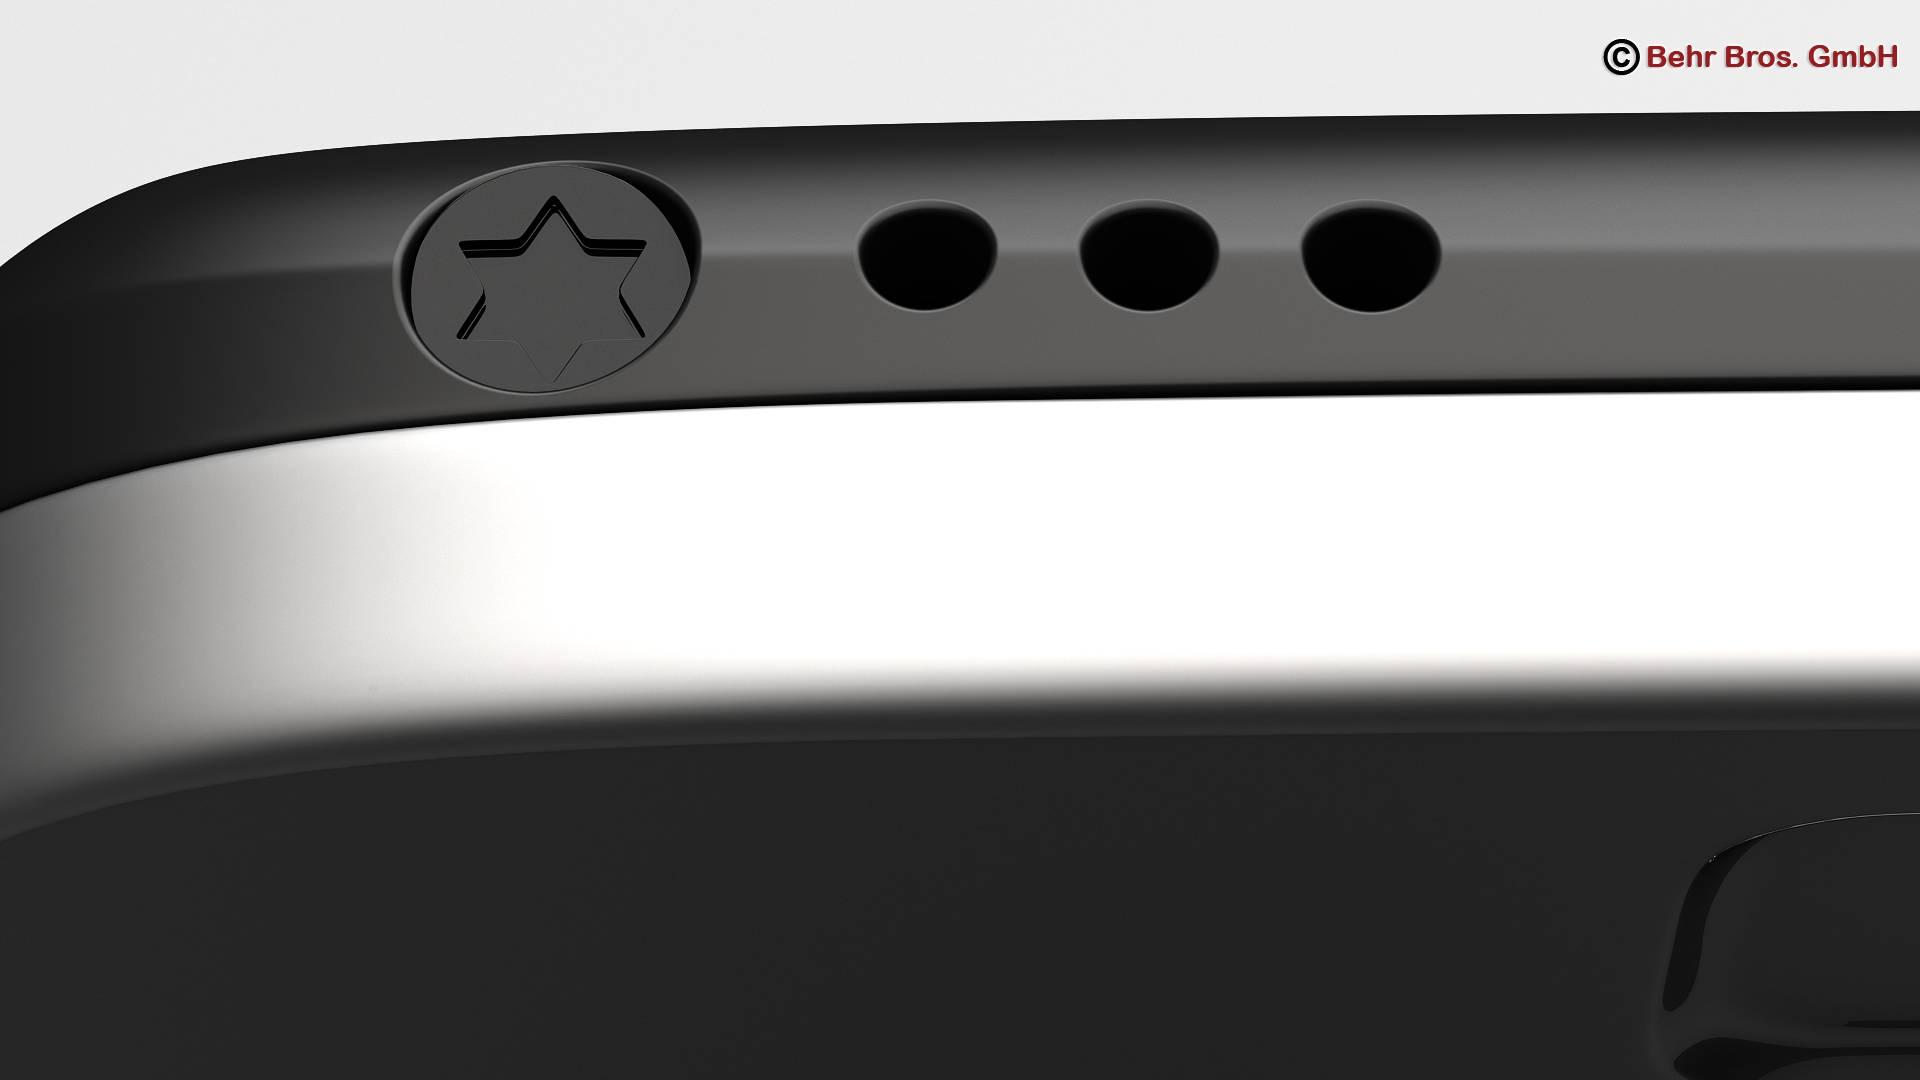 vispārējs viedtālrunis 4 collas 3d modelis 3ds max fbx c4d lwo ma mb obj 161630